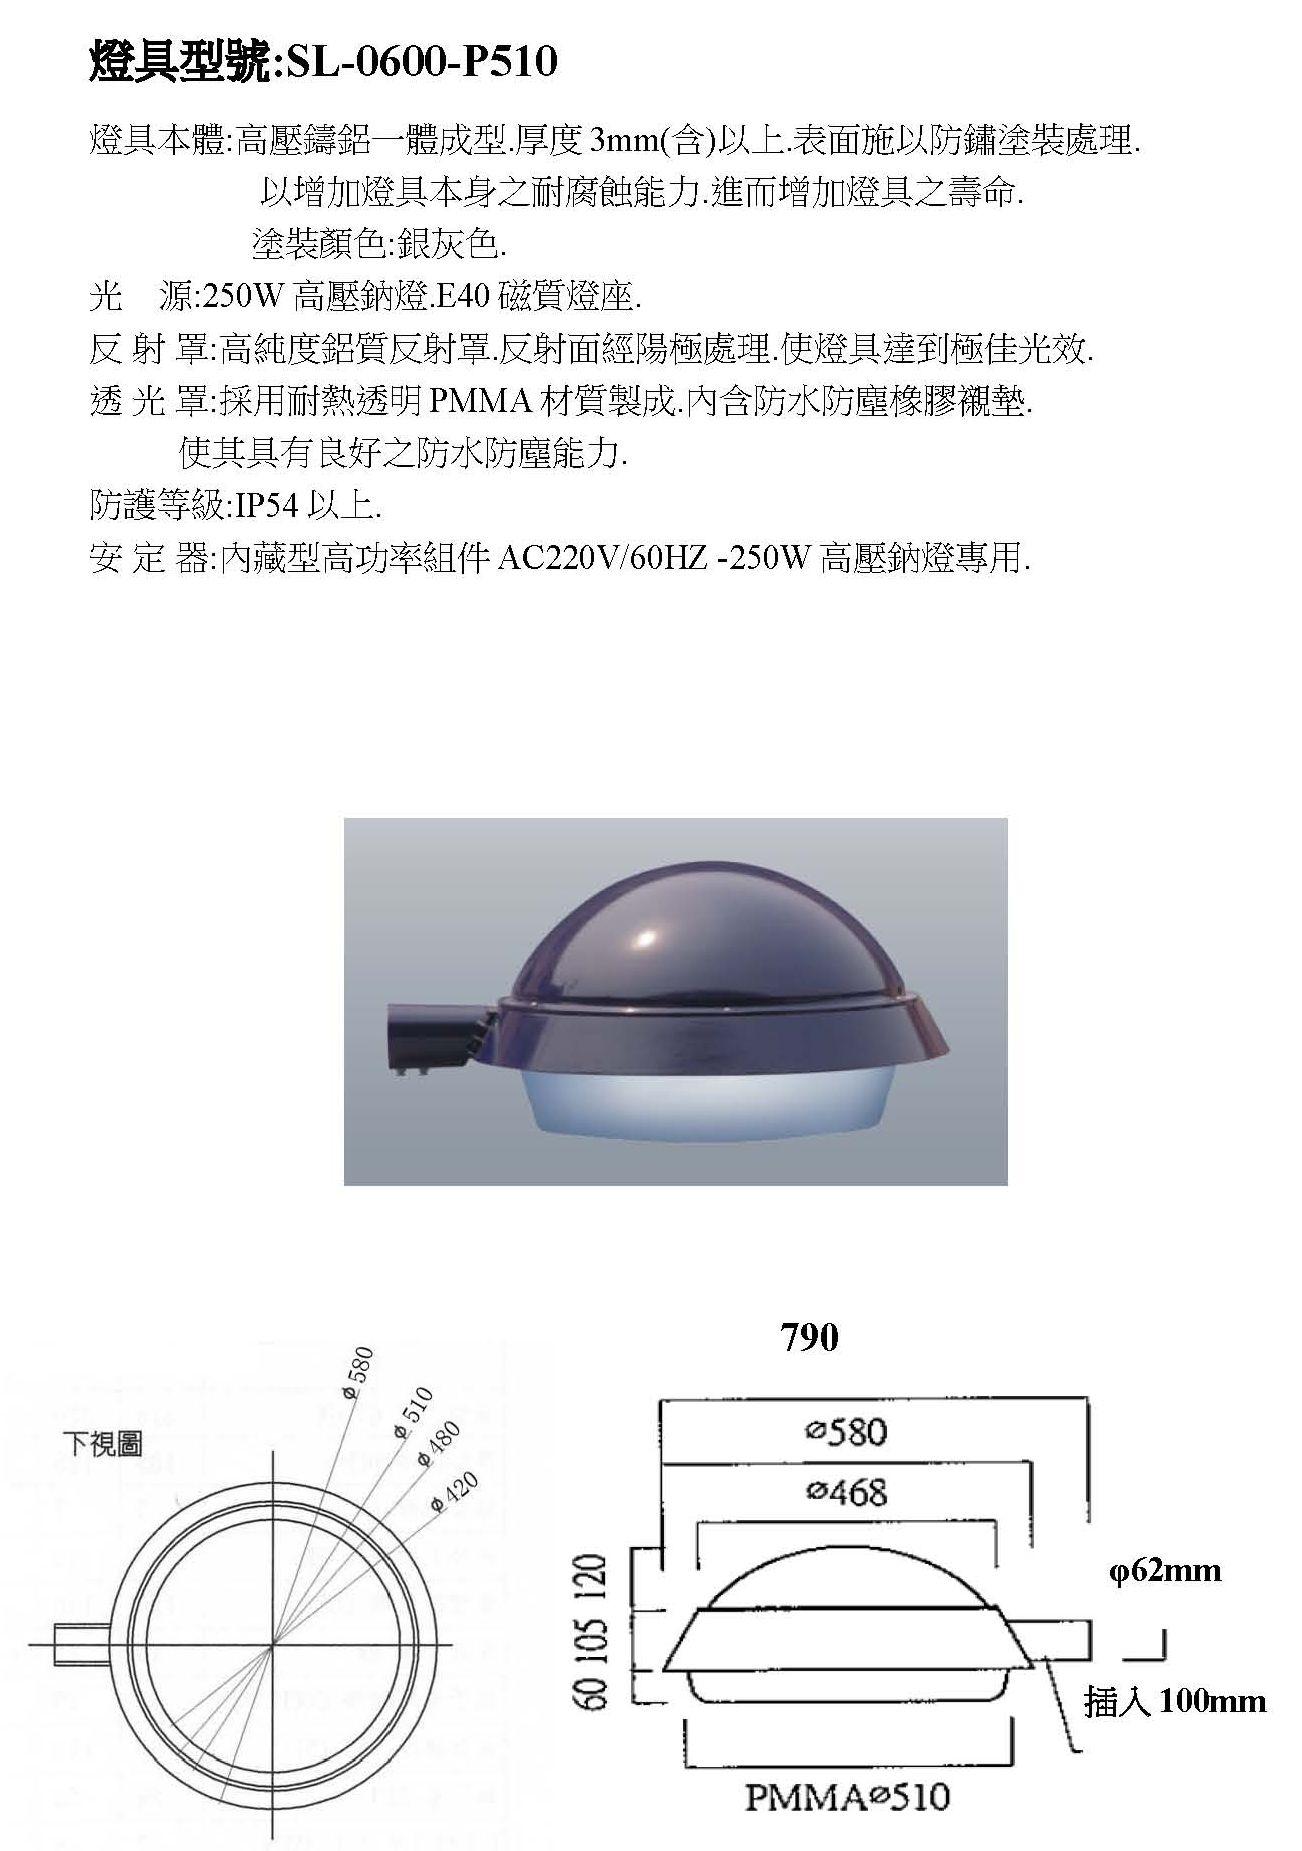 燈具型號SL-0600-P510-路燈.jpg